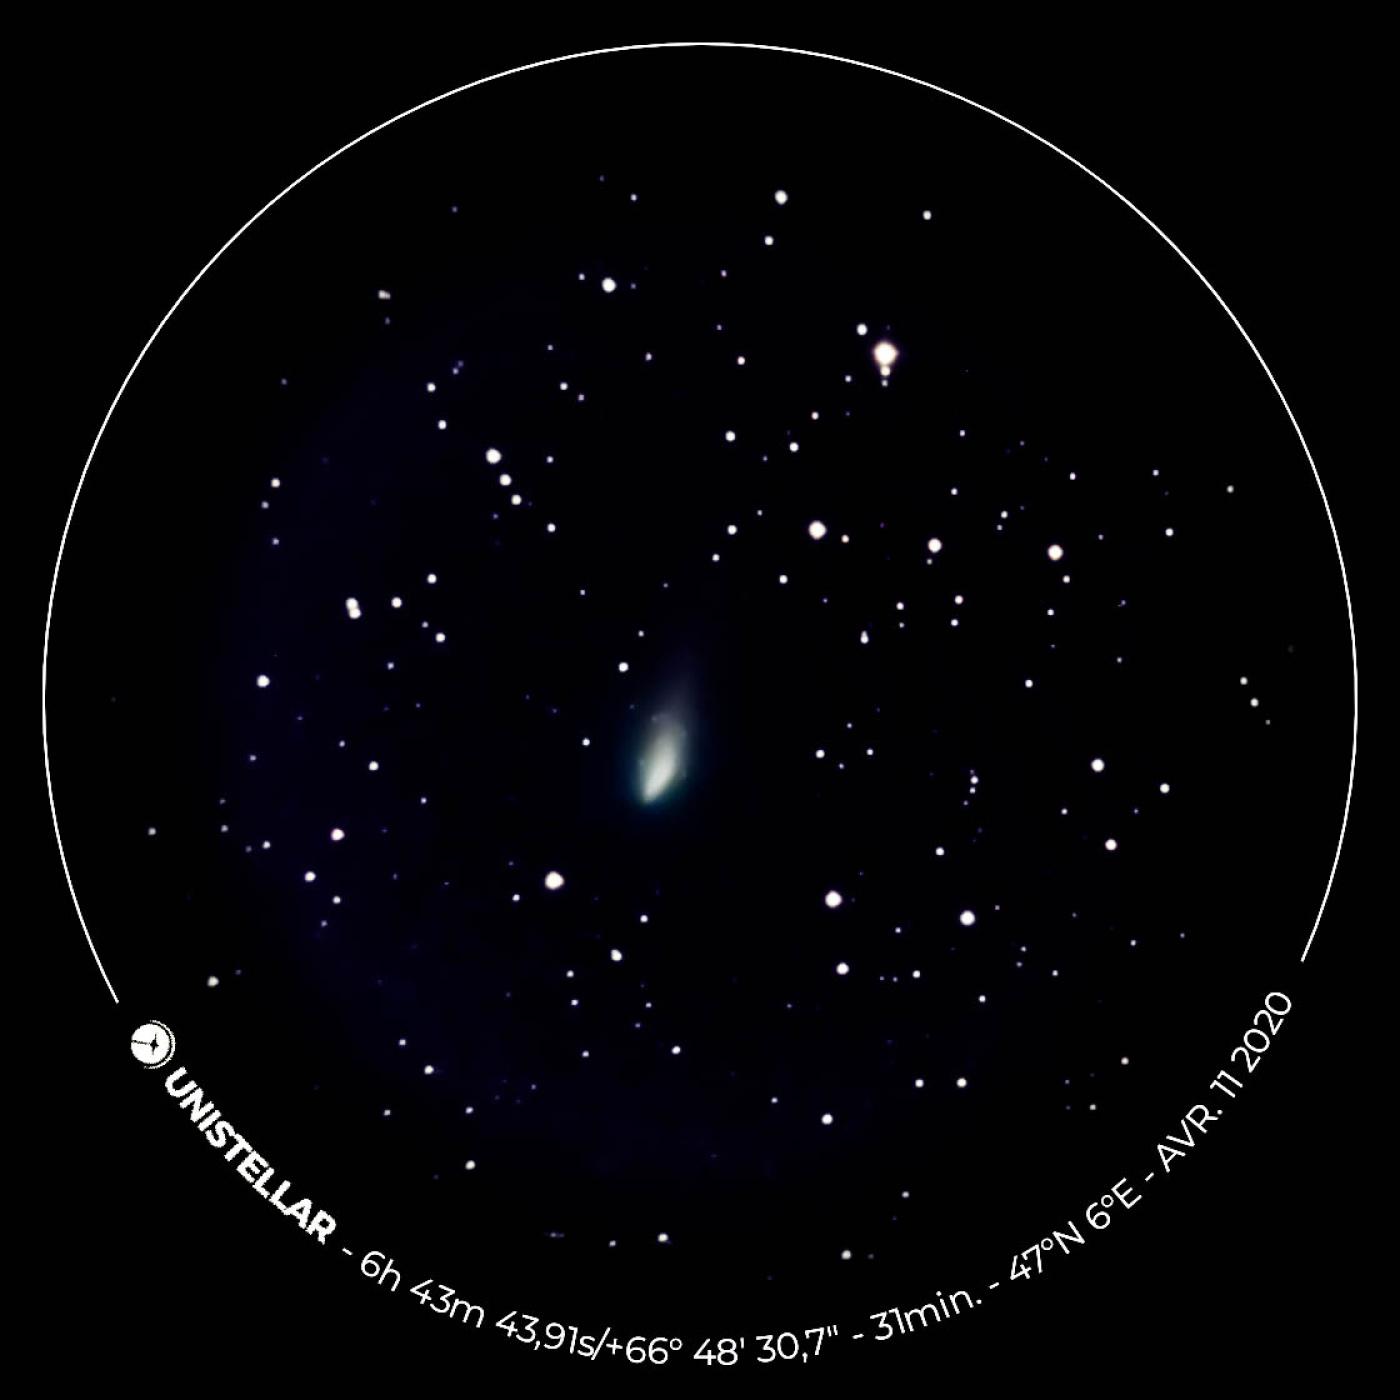 C19 y4 - Comète Atlas - 11.04.2020.jpg